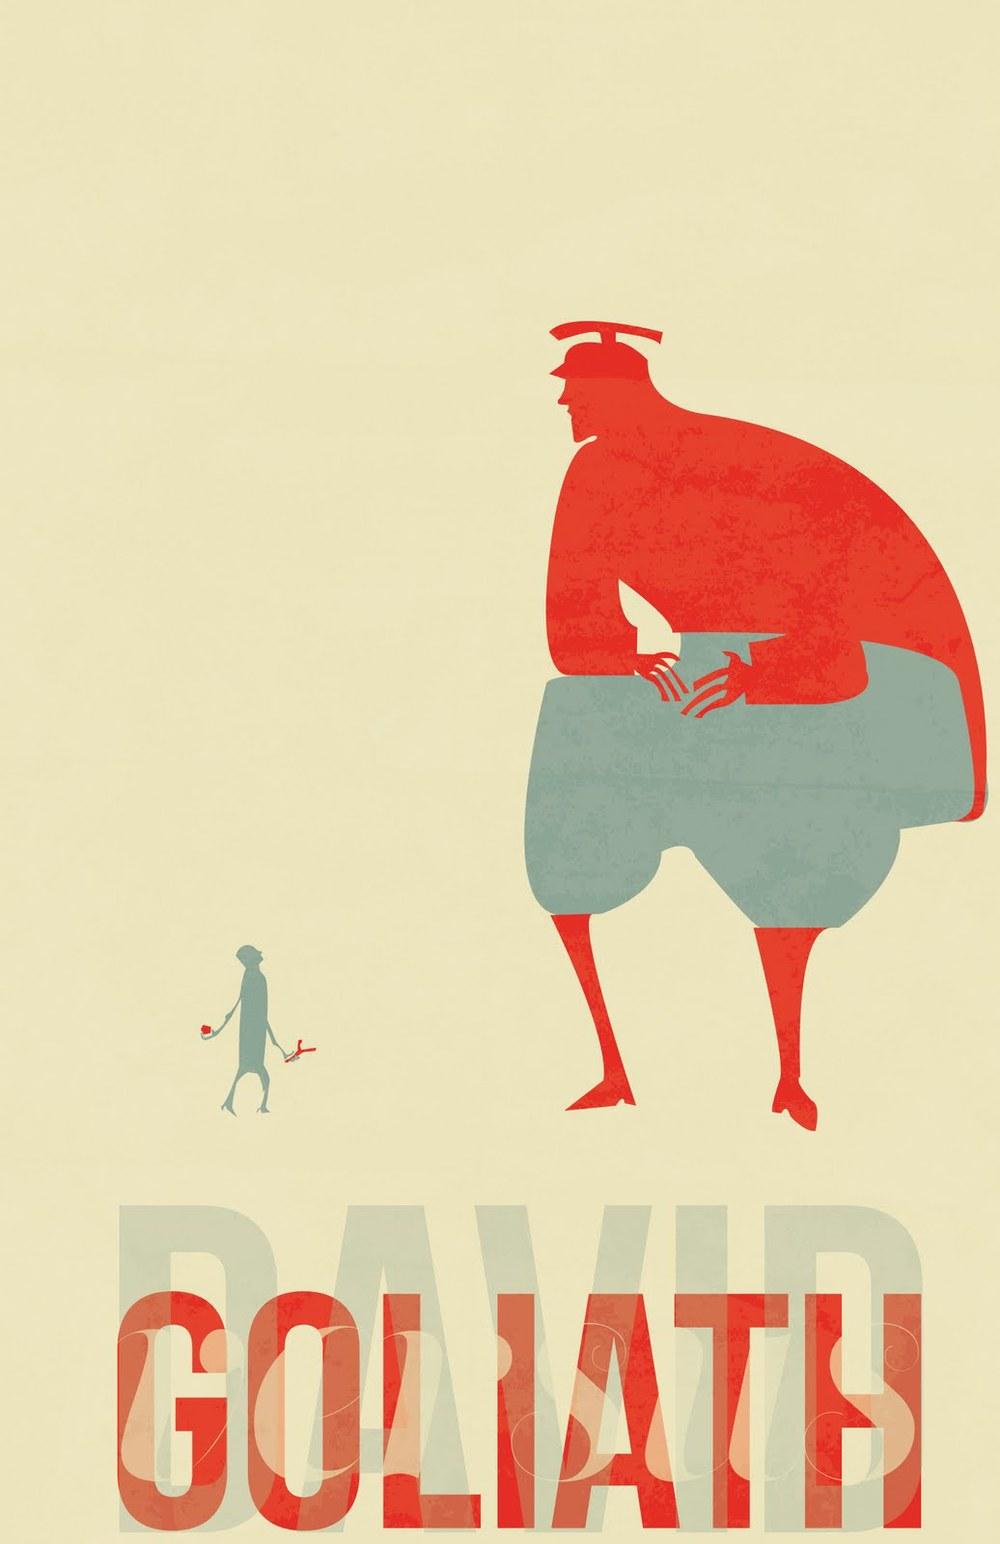 david versus goliath 1 .jpg